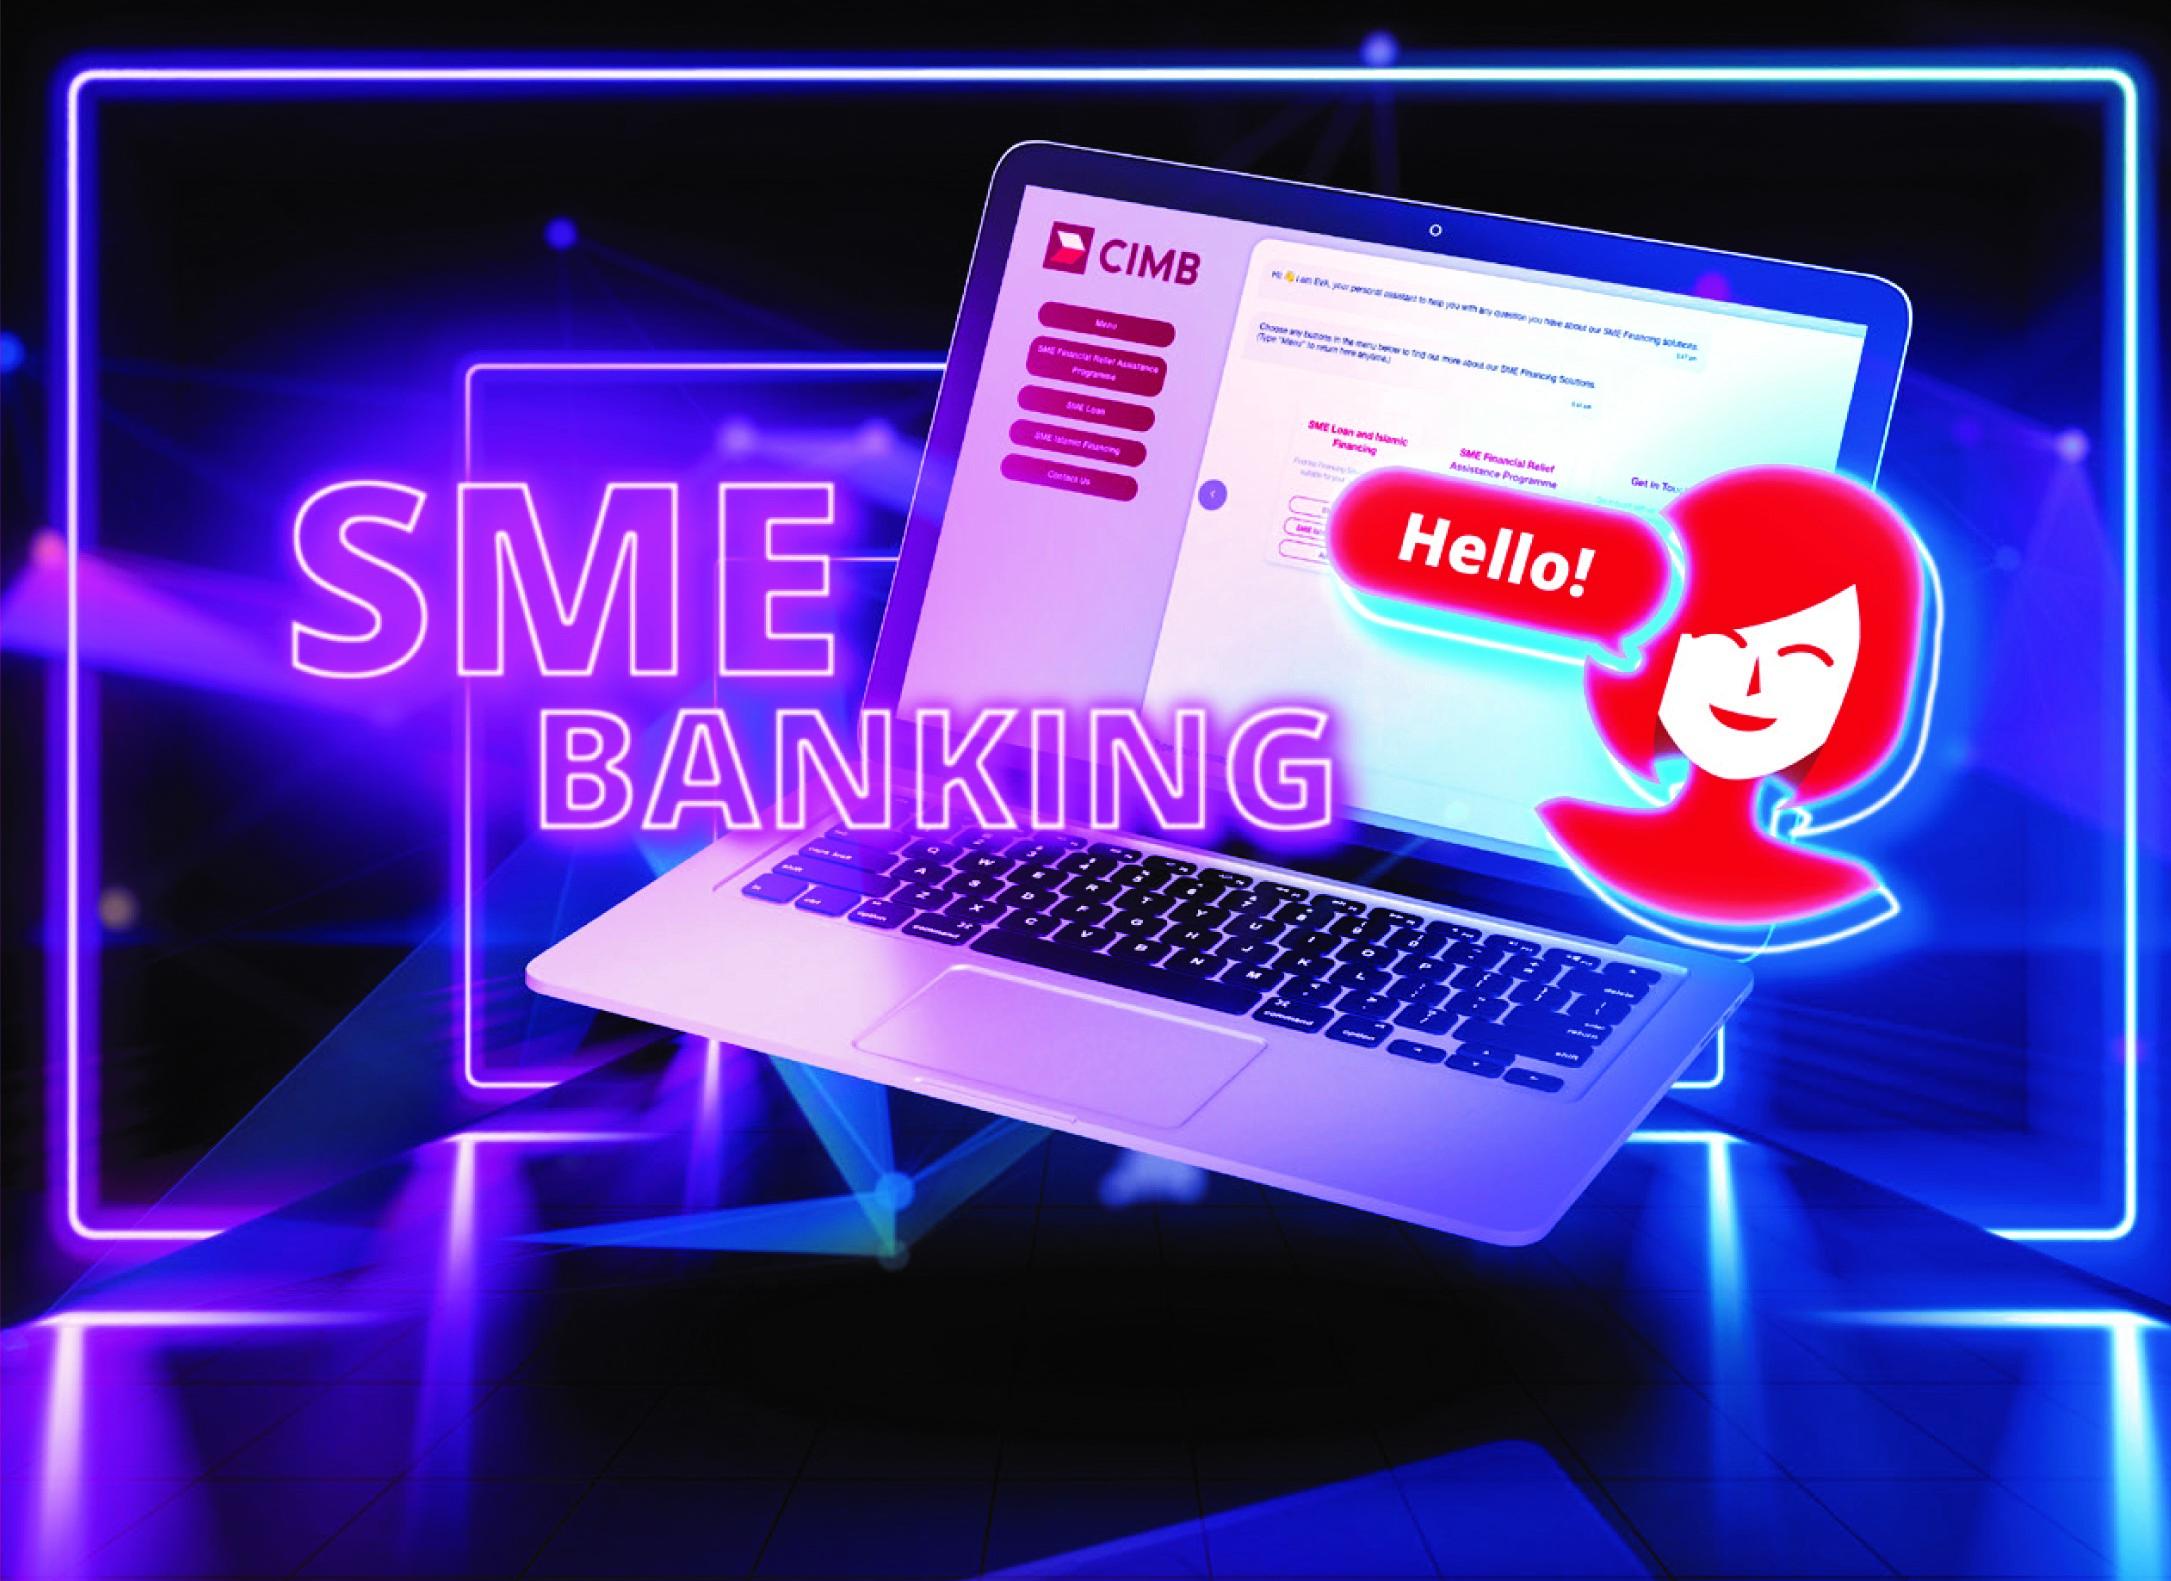 eva-chatbot-cimb-financial-assistance-01